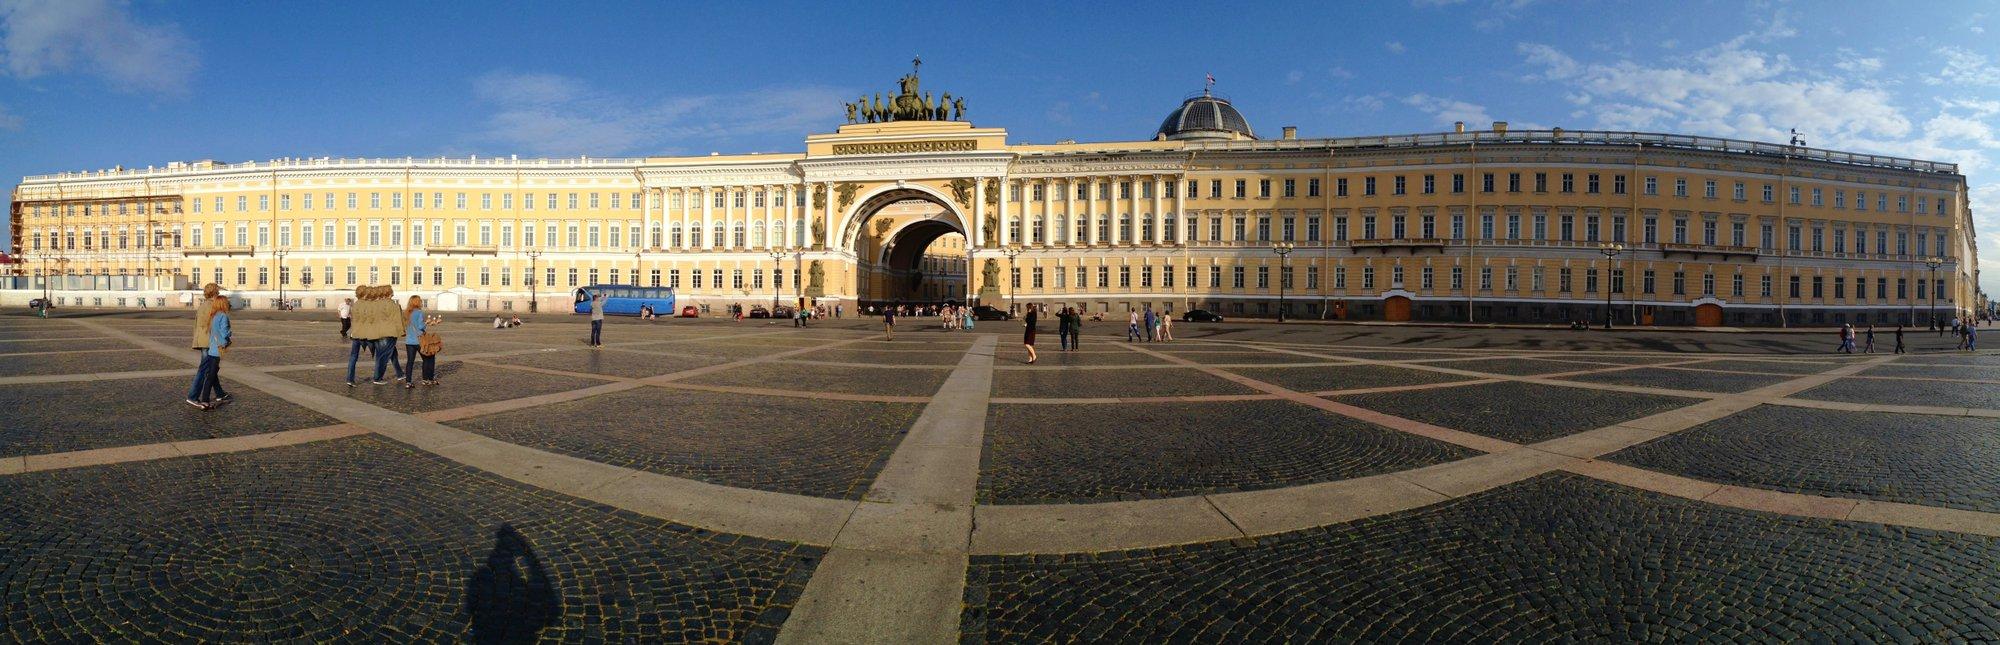 вид на Дворцовую площадь со стороны Зимнего дворца